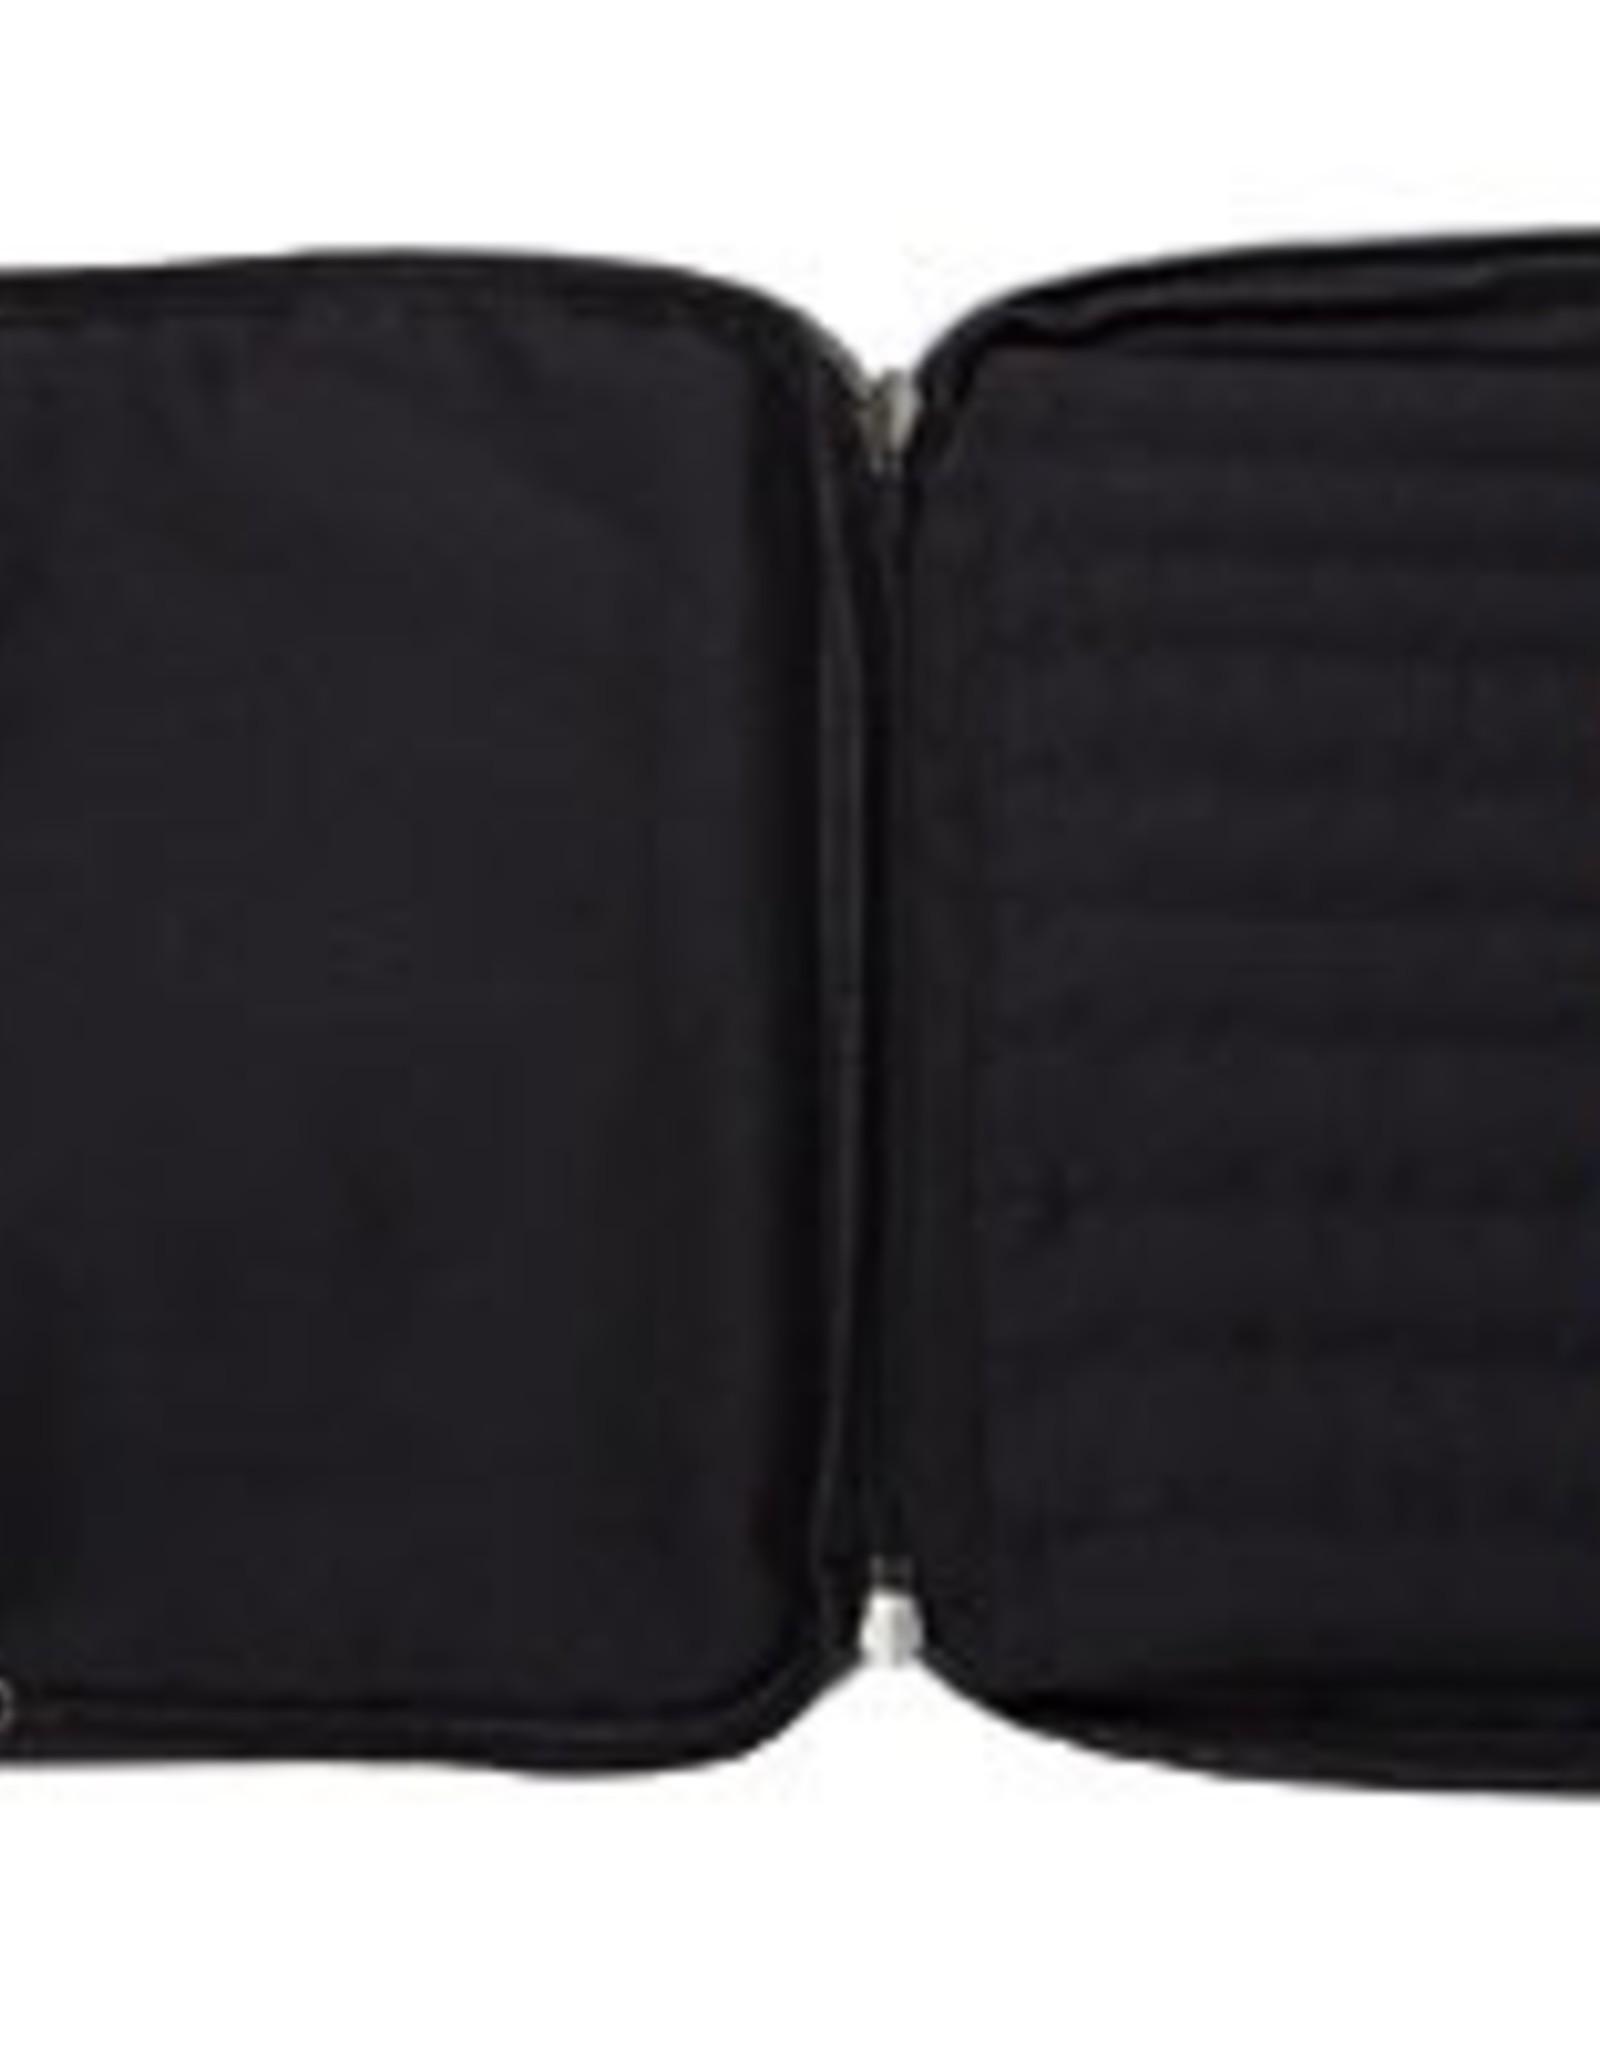 Knitpicks Interchangeable Needle Case